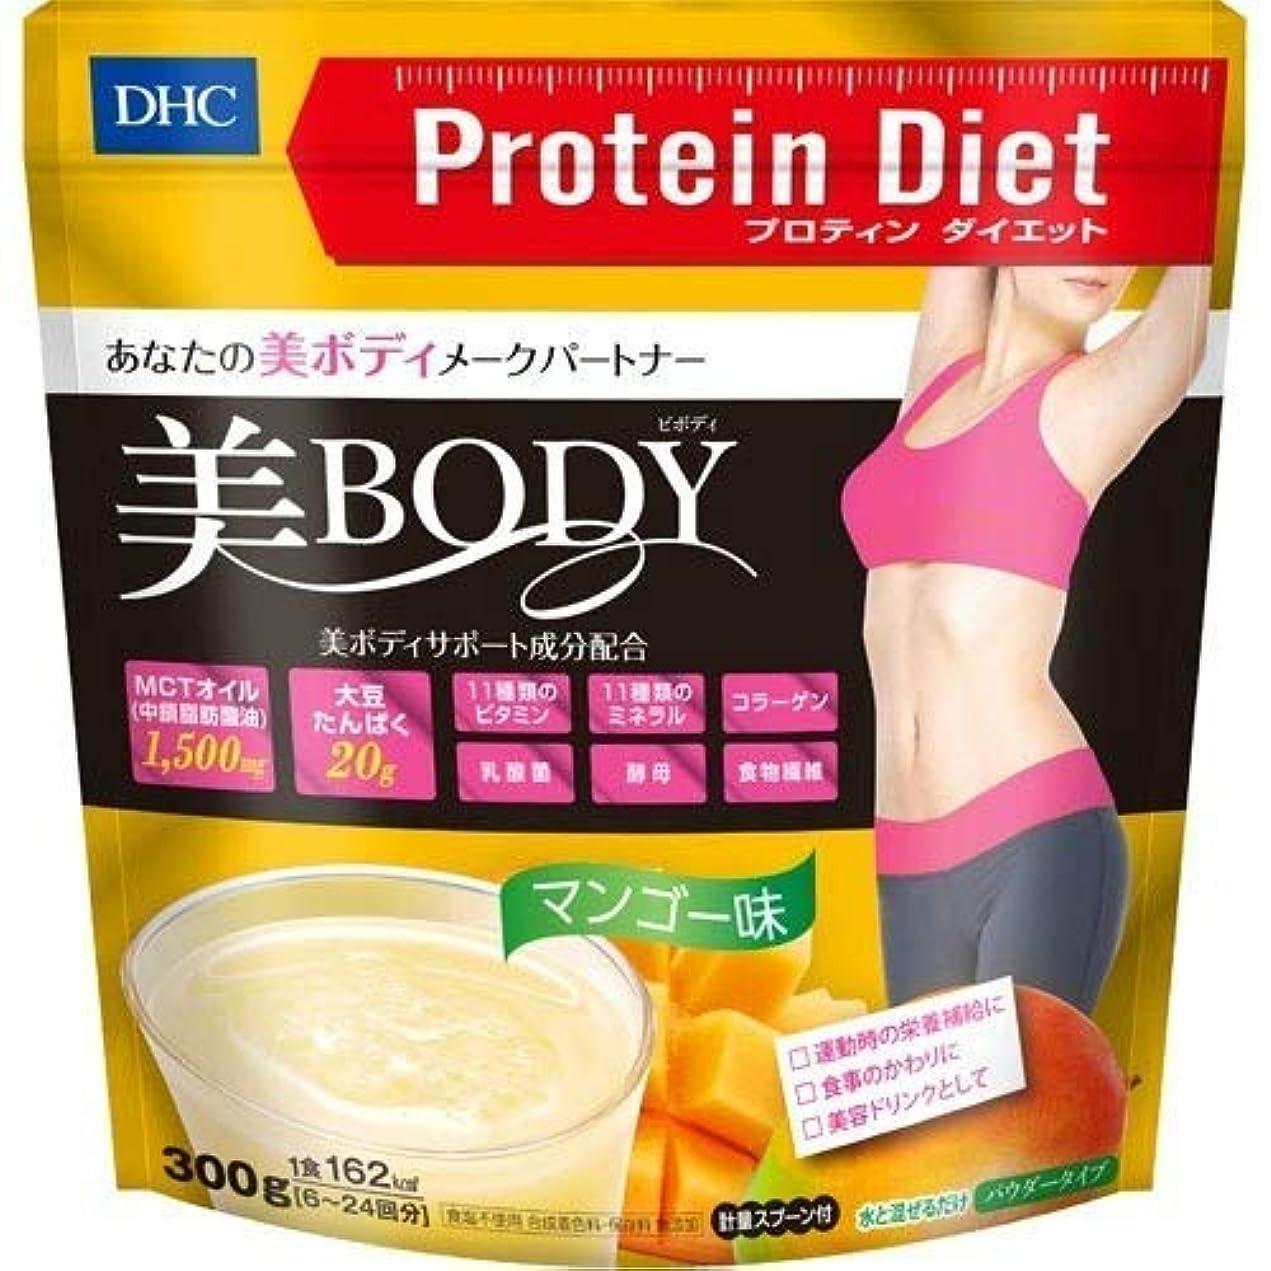 弱める判決拍手するDHC プロテインダイエット 美Body マンゴー味 300g × 5個セット